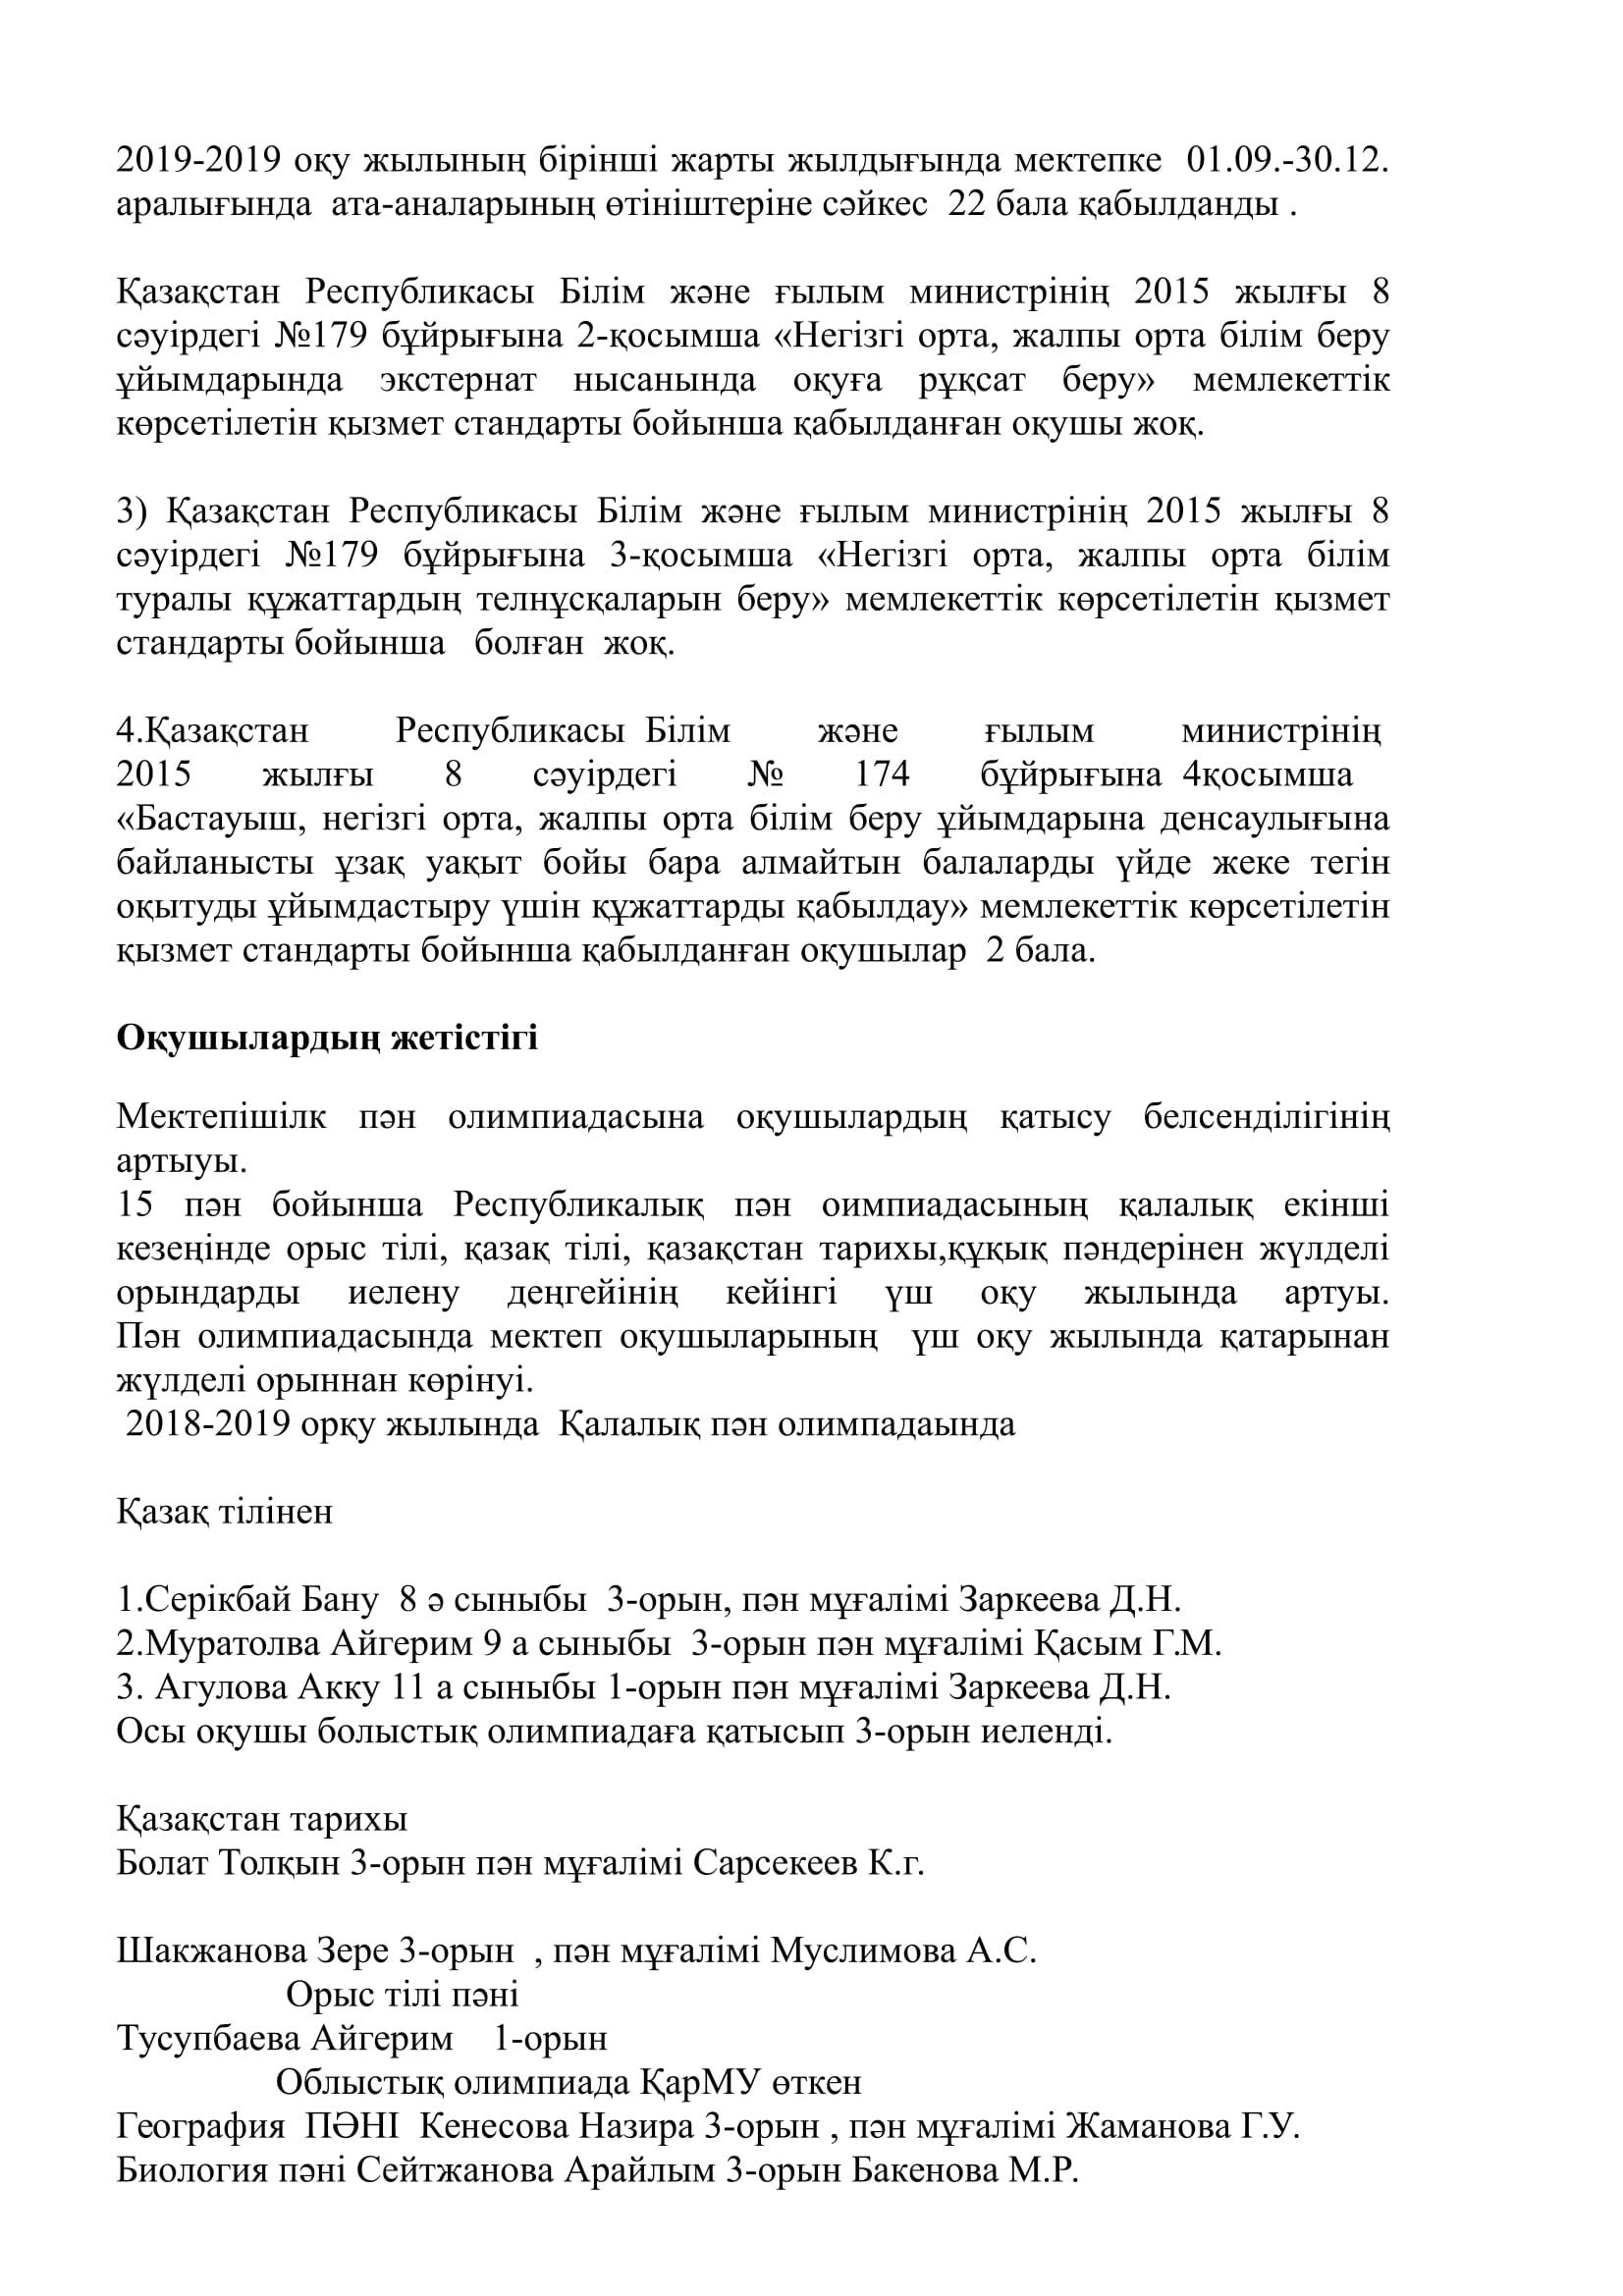 СОШ№36 ХАТТАМА — 2018-2019-14.jpg